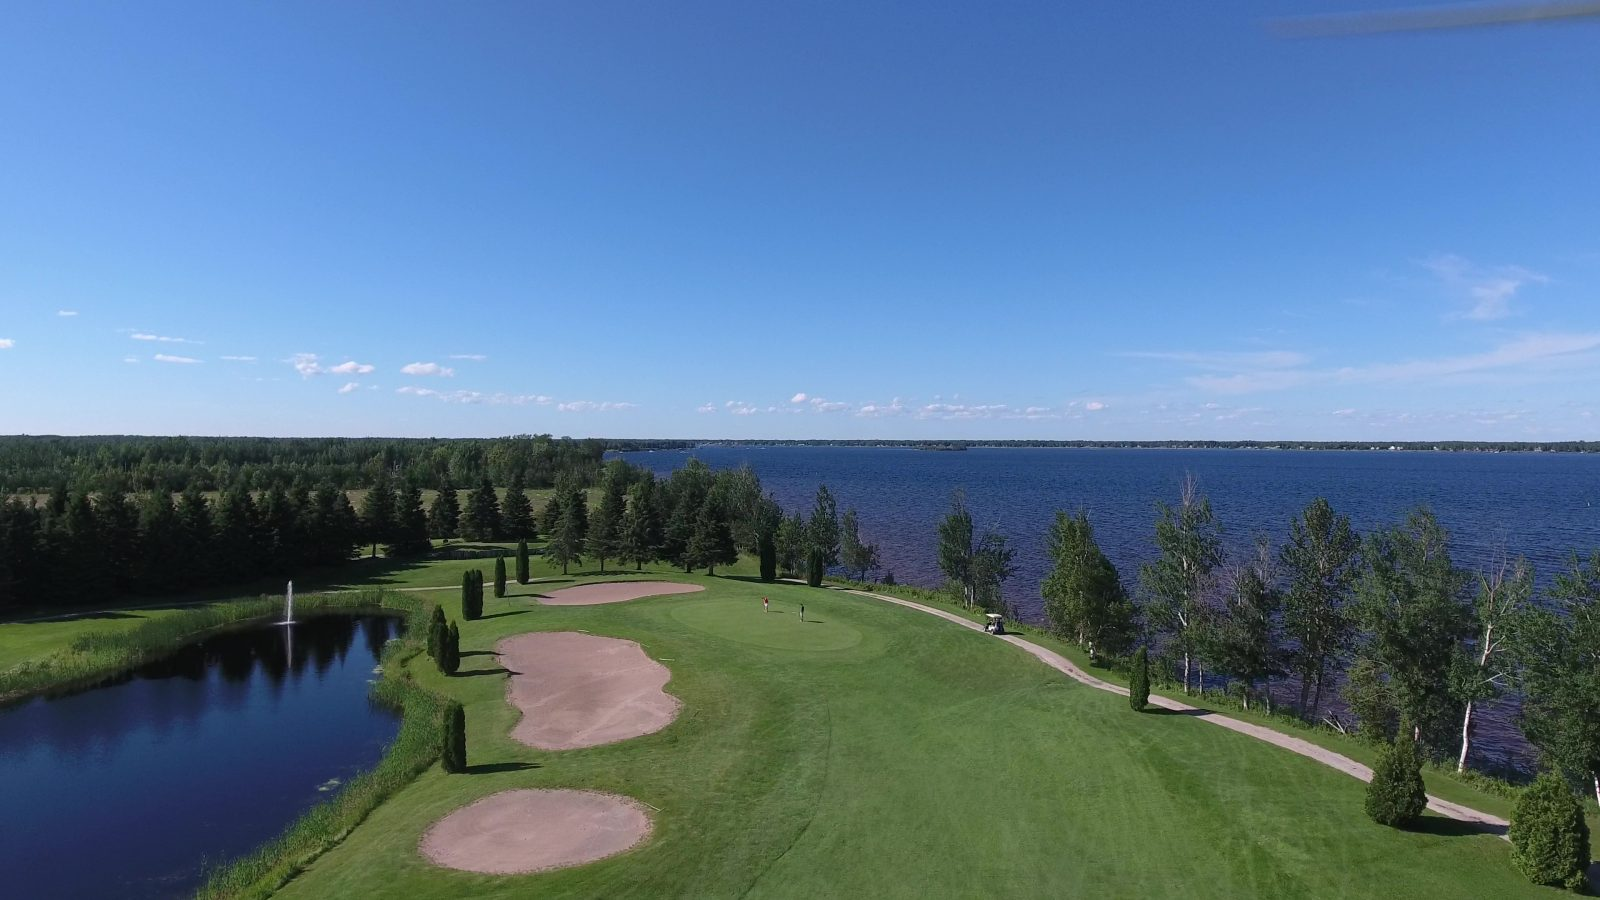 Les clubs de golf prêts pour une saison avec distanciation sociale